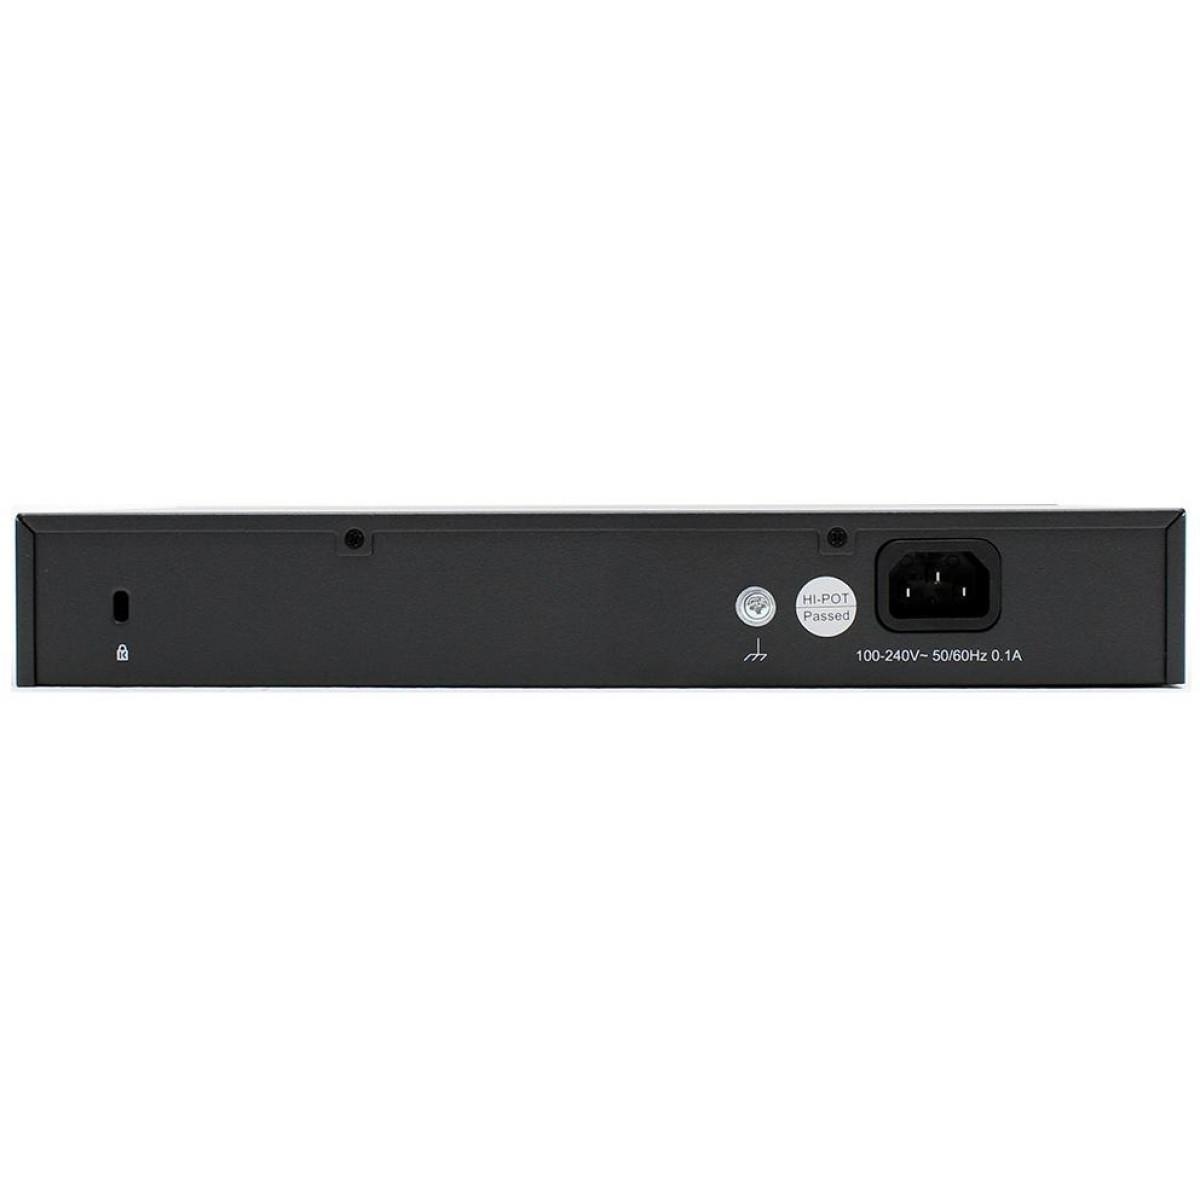 Roteador TP-Link Broadband, TL-R480T+